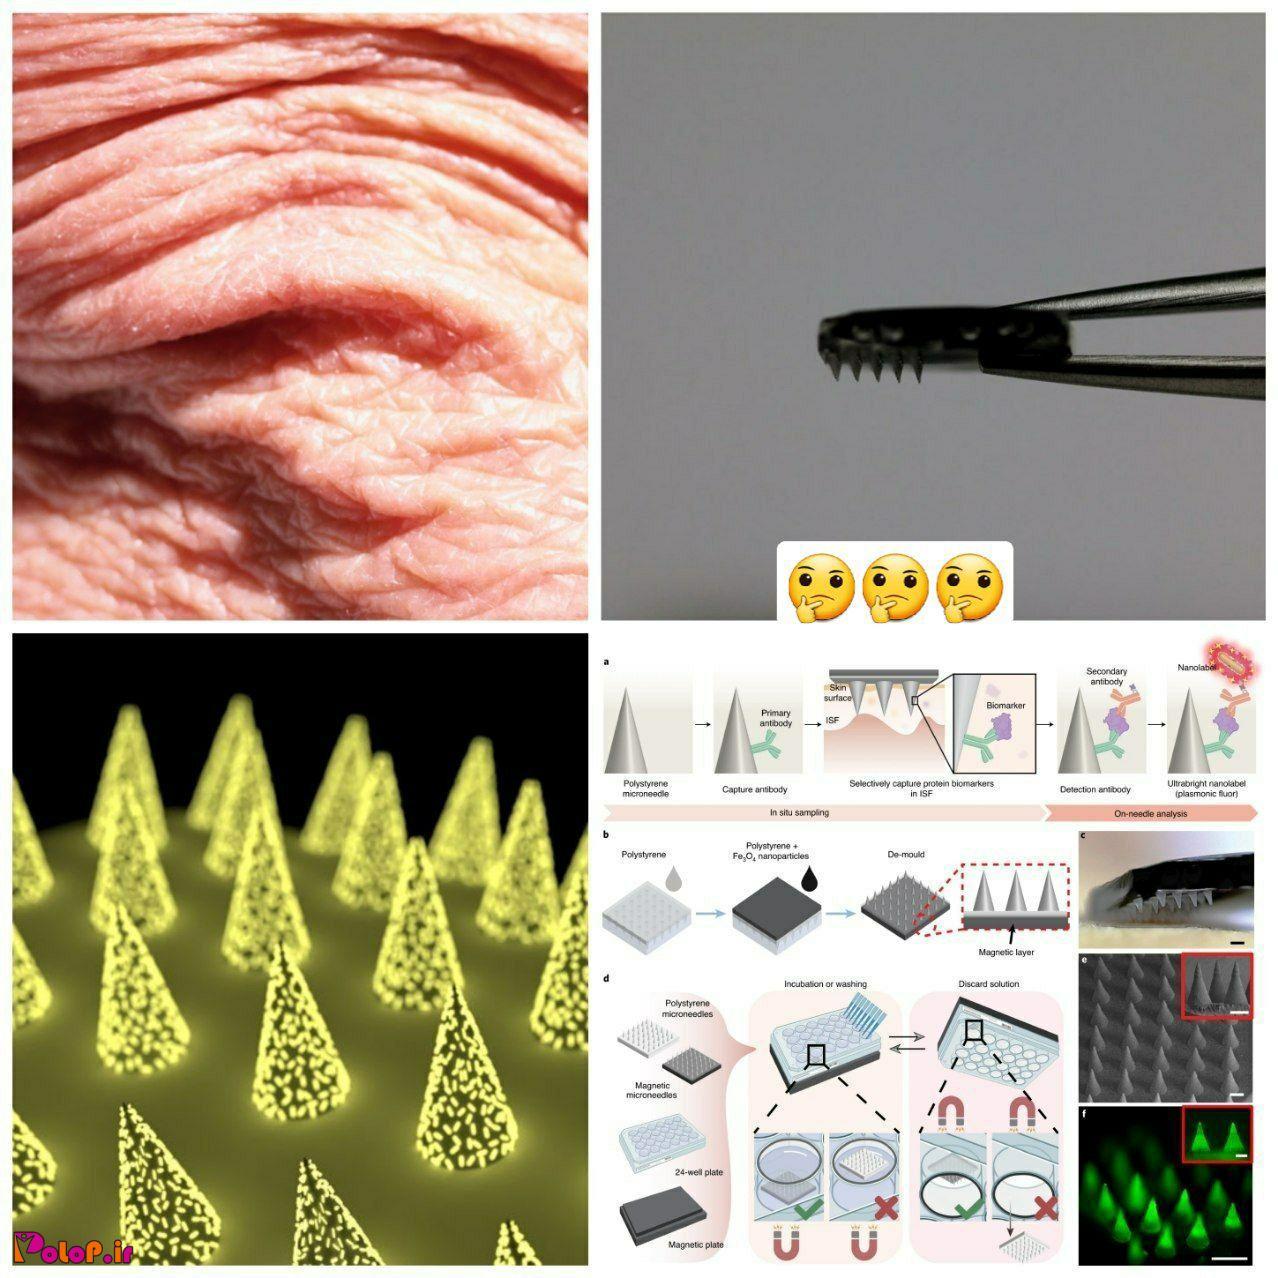 در آینده برای تشخیص بسیاری از بیماریها نیاز به آزمایش خون نداریم، پوست کار ما را آسان میکند !